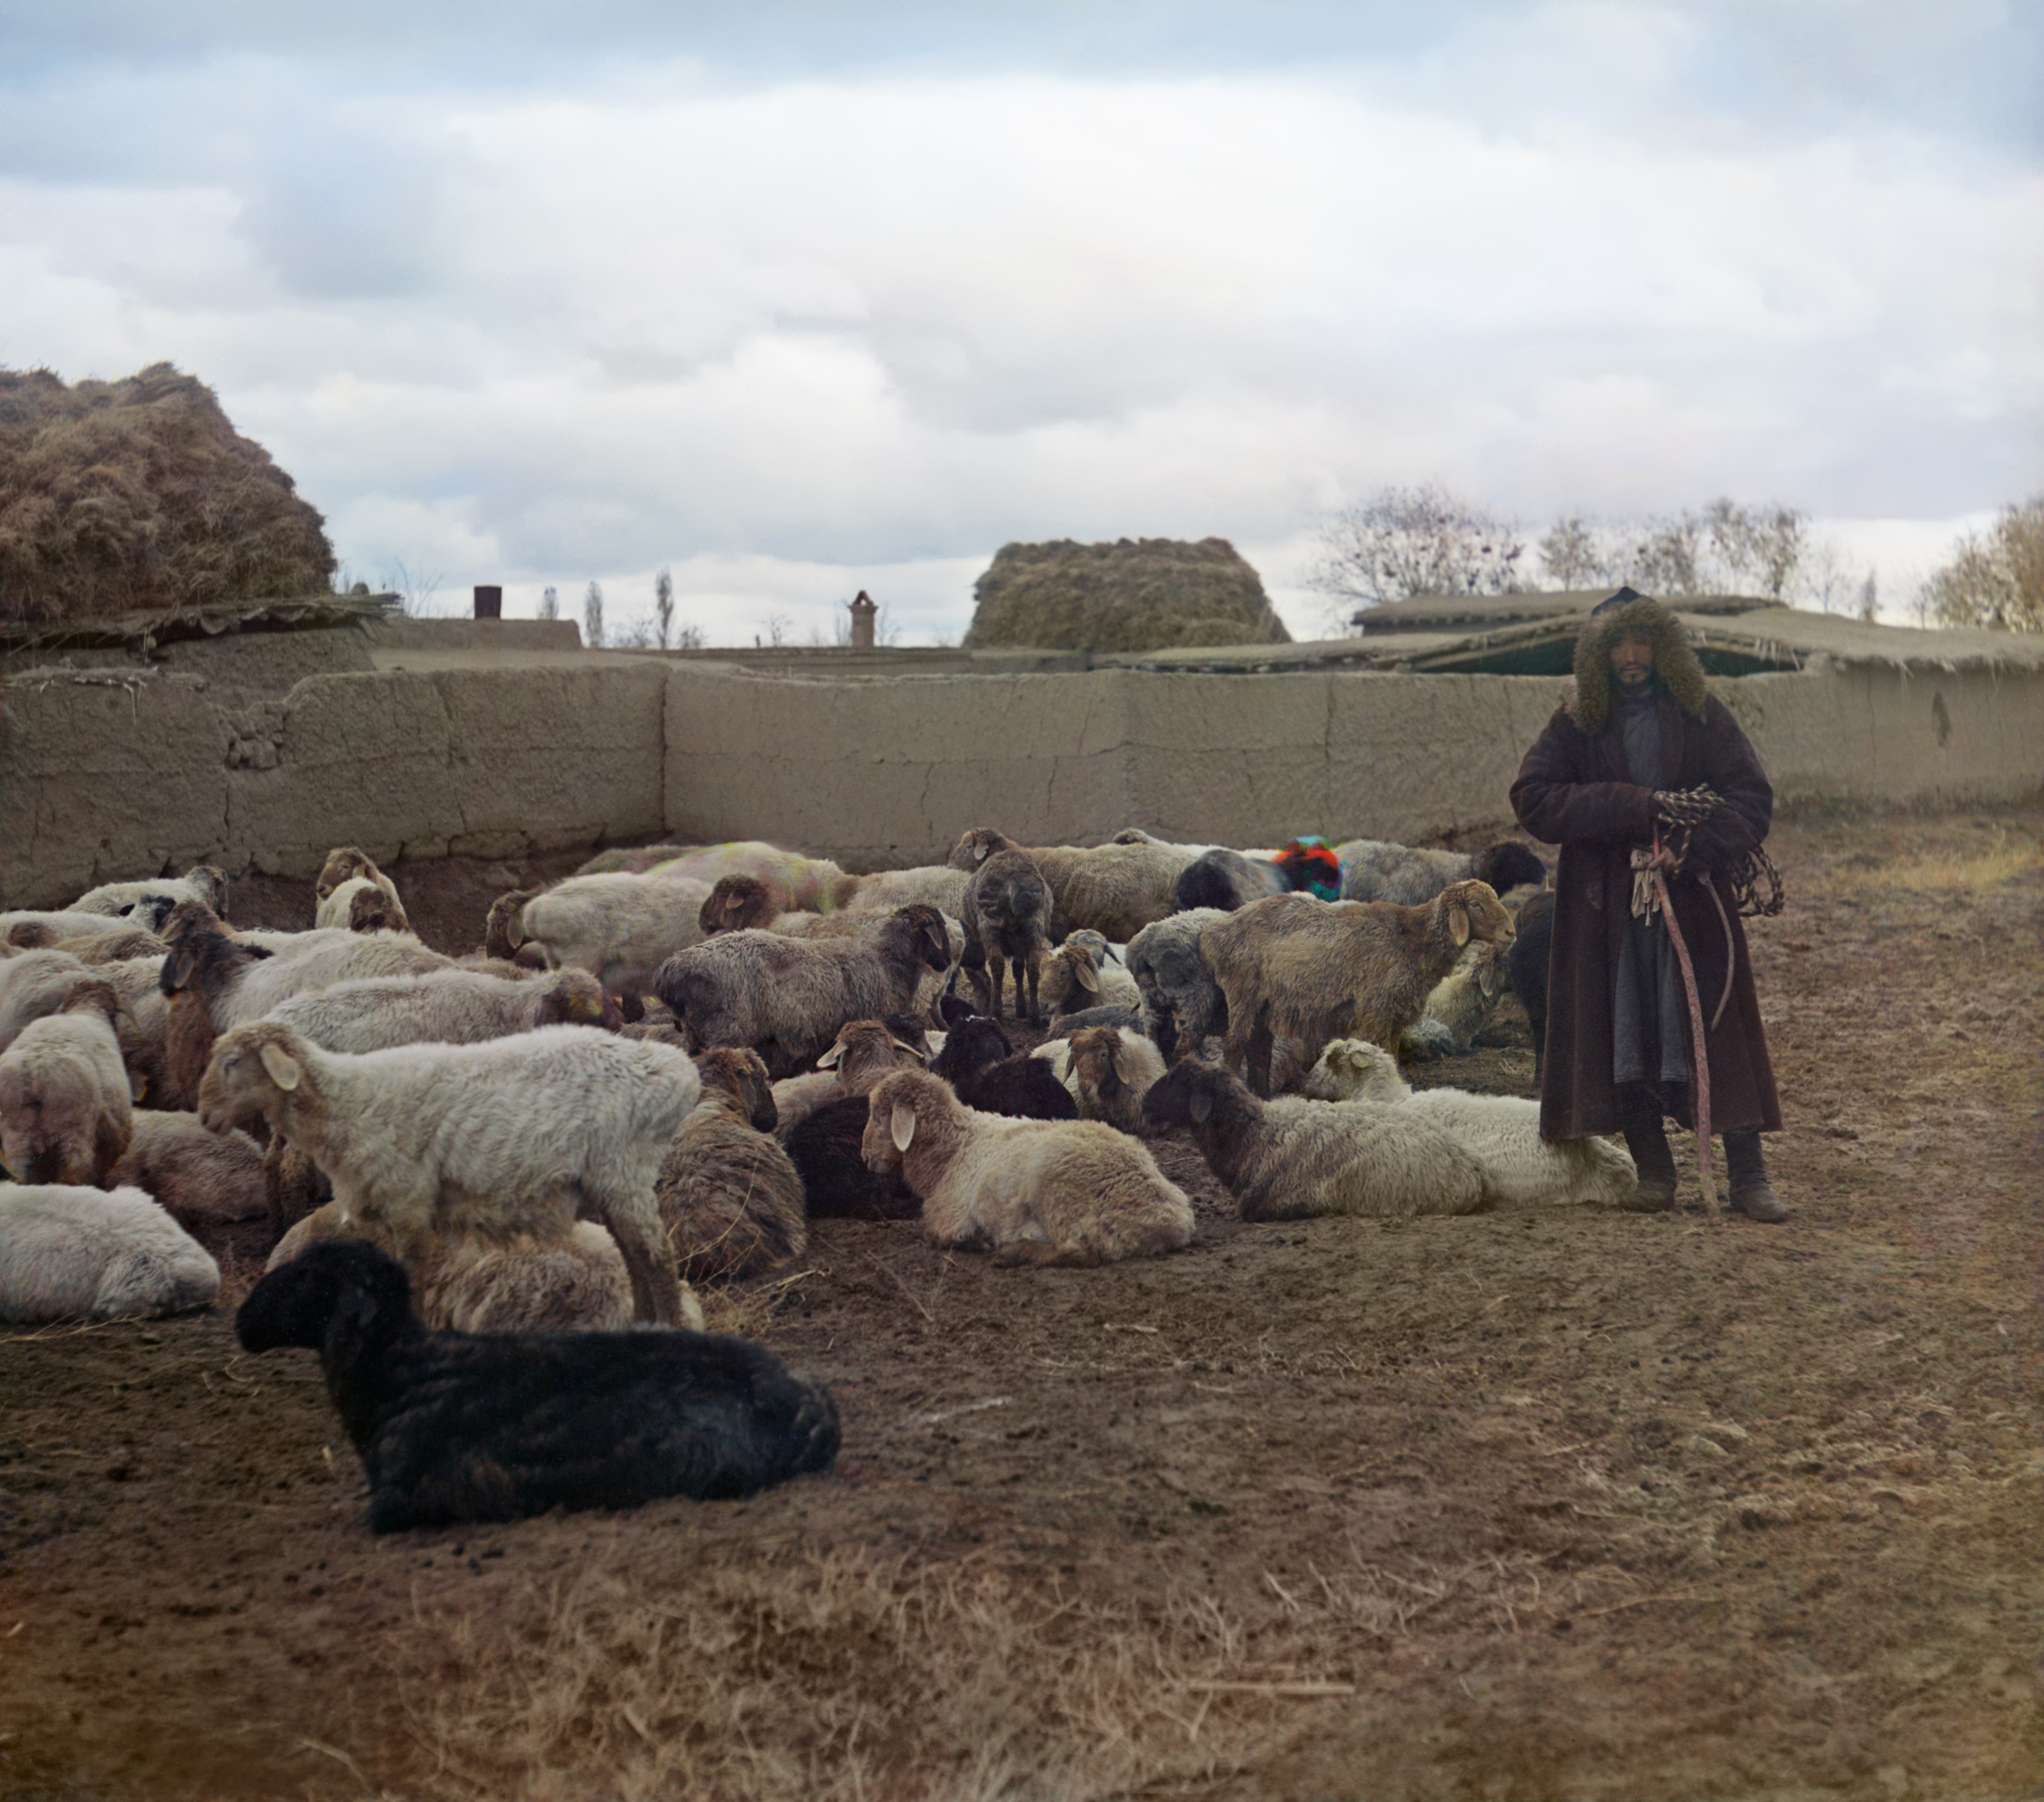 Окрестности Самарканда. Голодная степь. Курдючные овцы